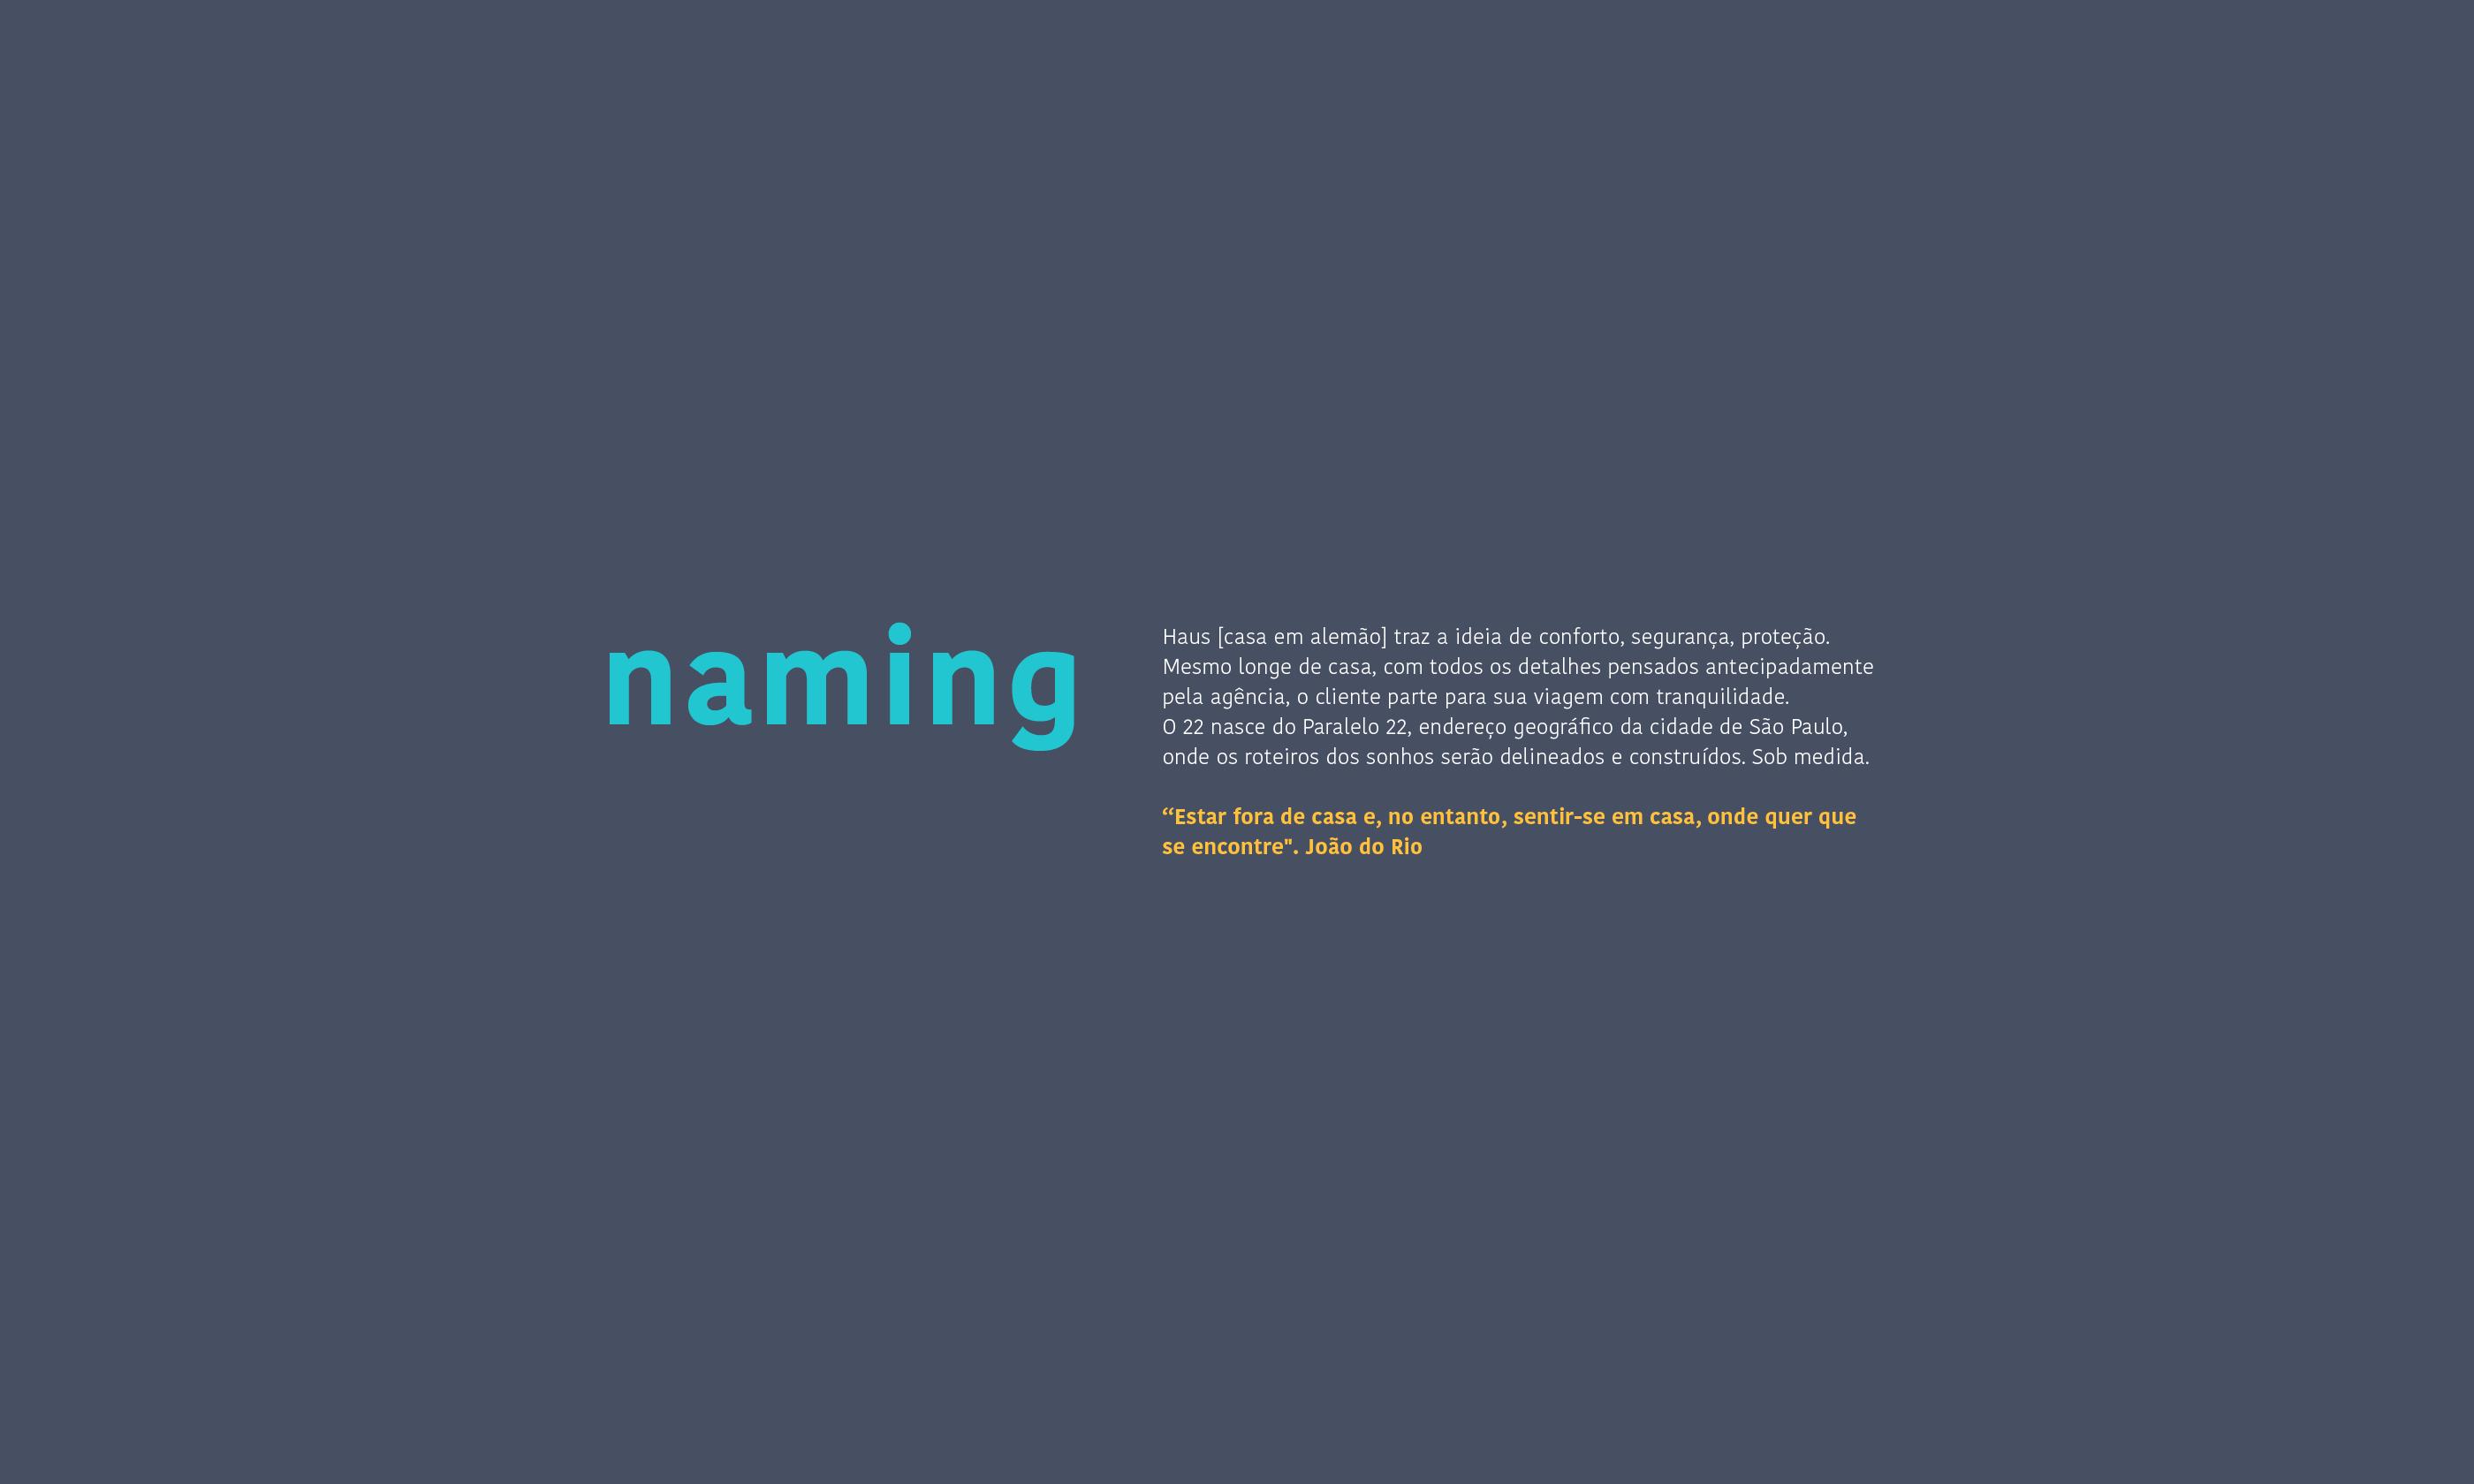 naming_haus